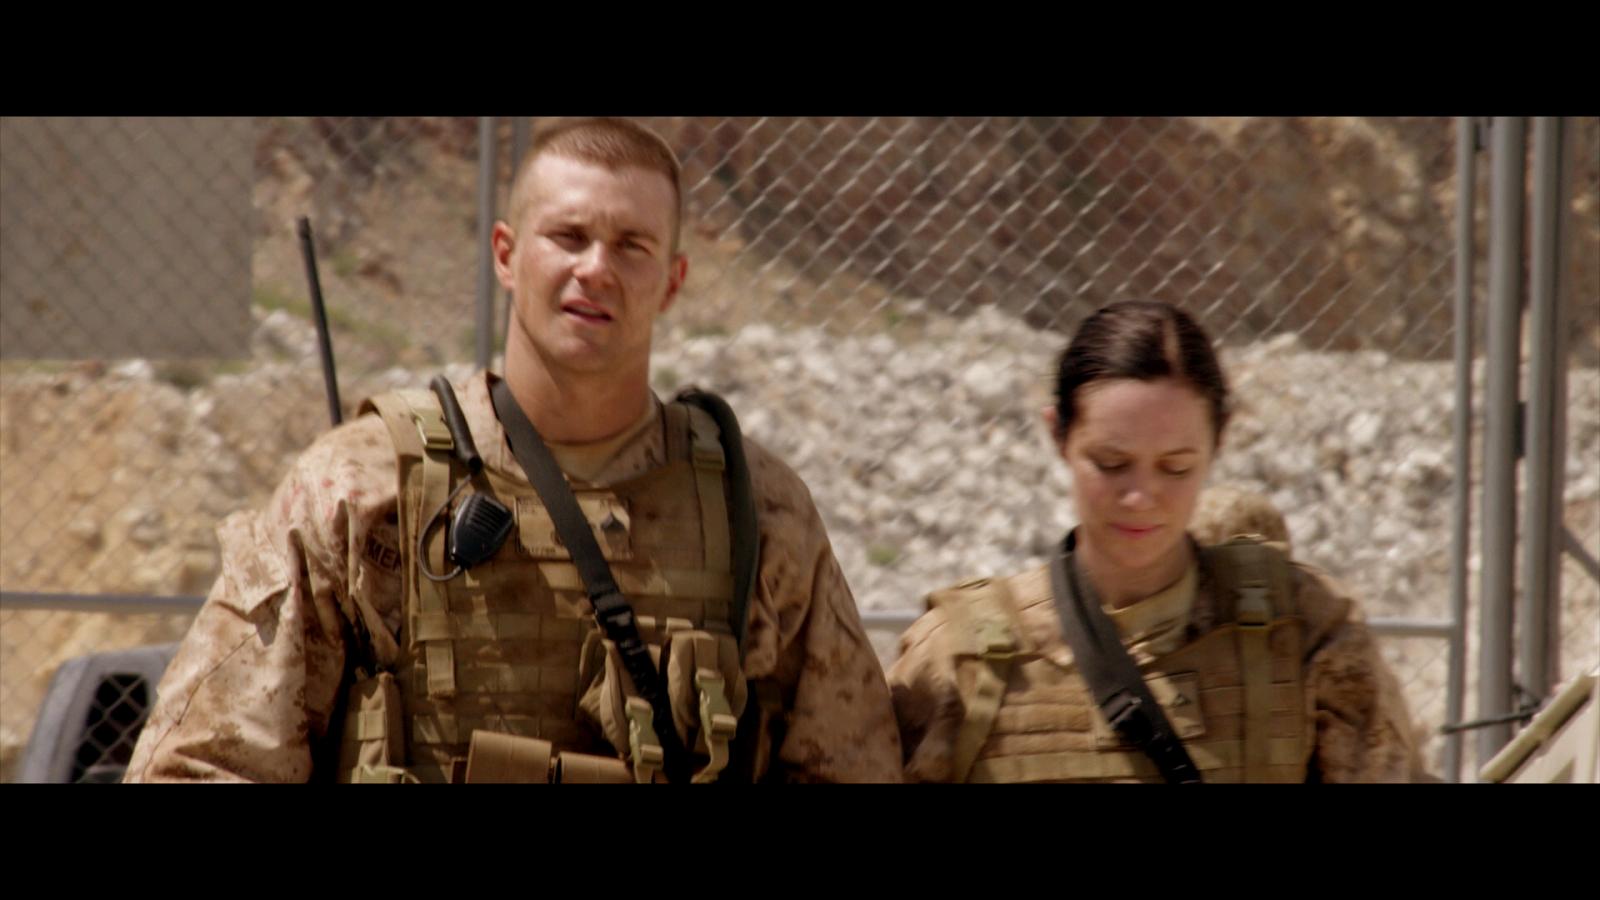 Soldado Anonimo 2 Terreno Peligroso (2014) 1080p BD25 3